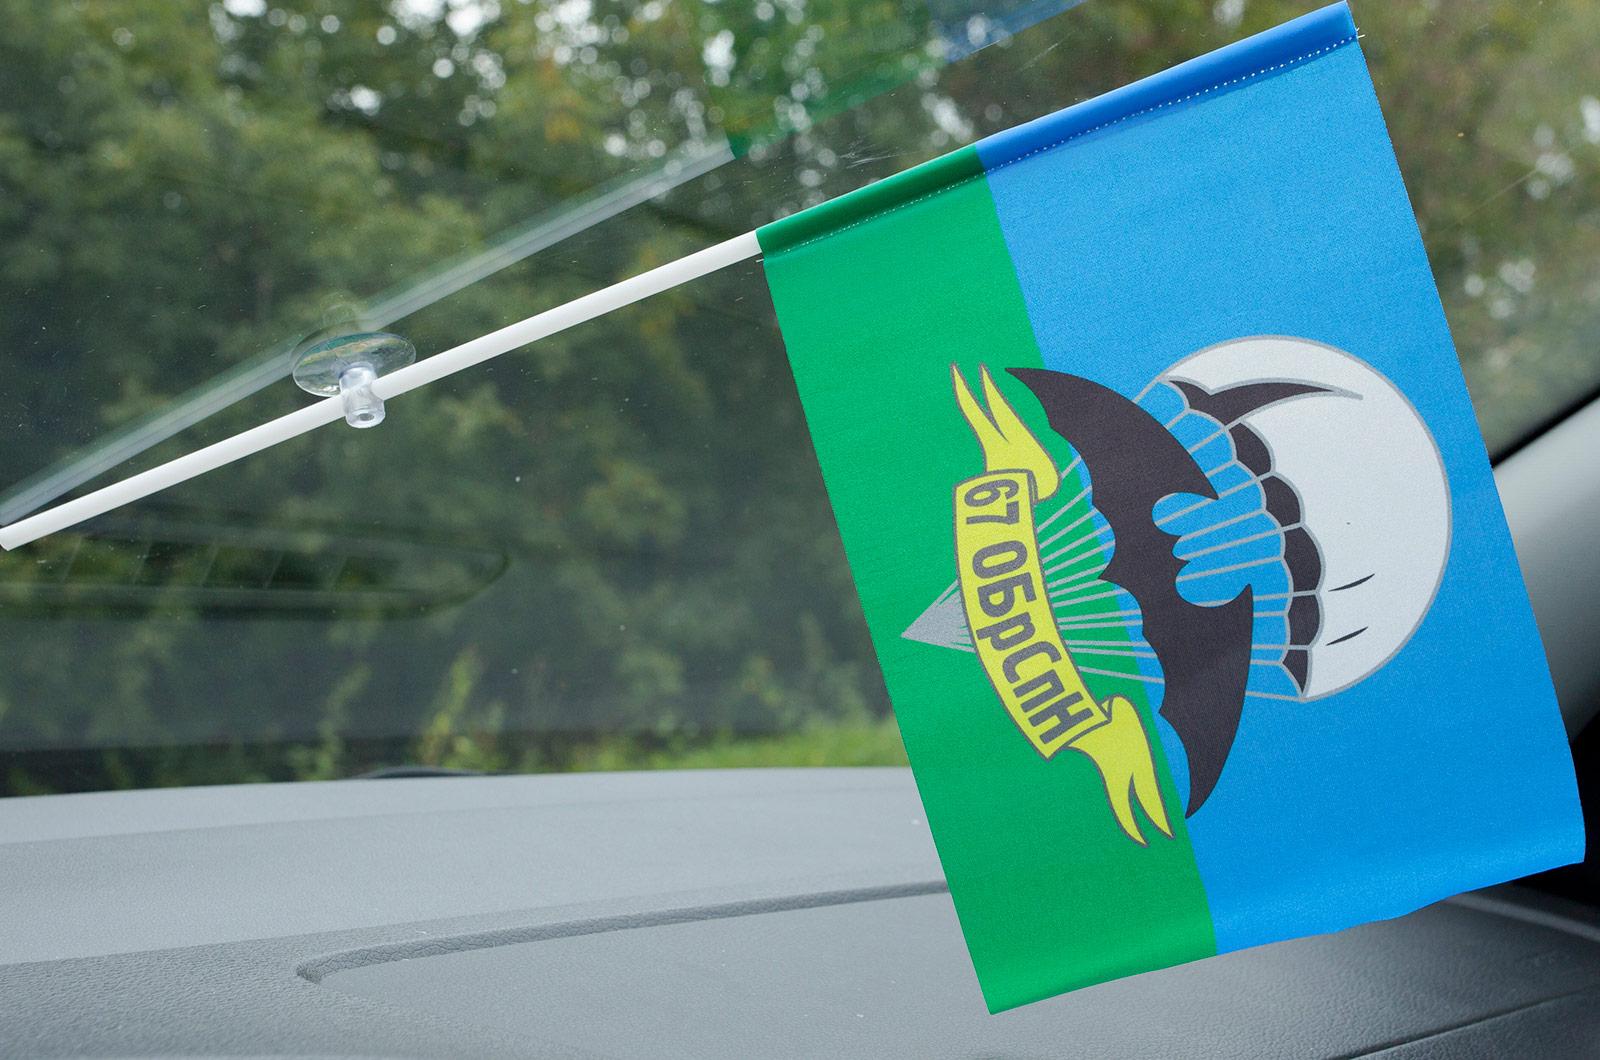 Флажок в машину с присоской 67 бригада спецназа